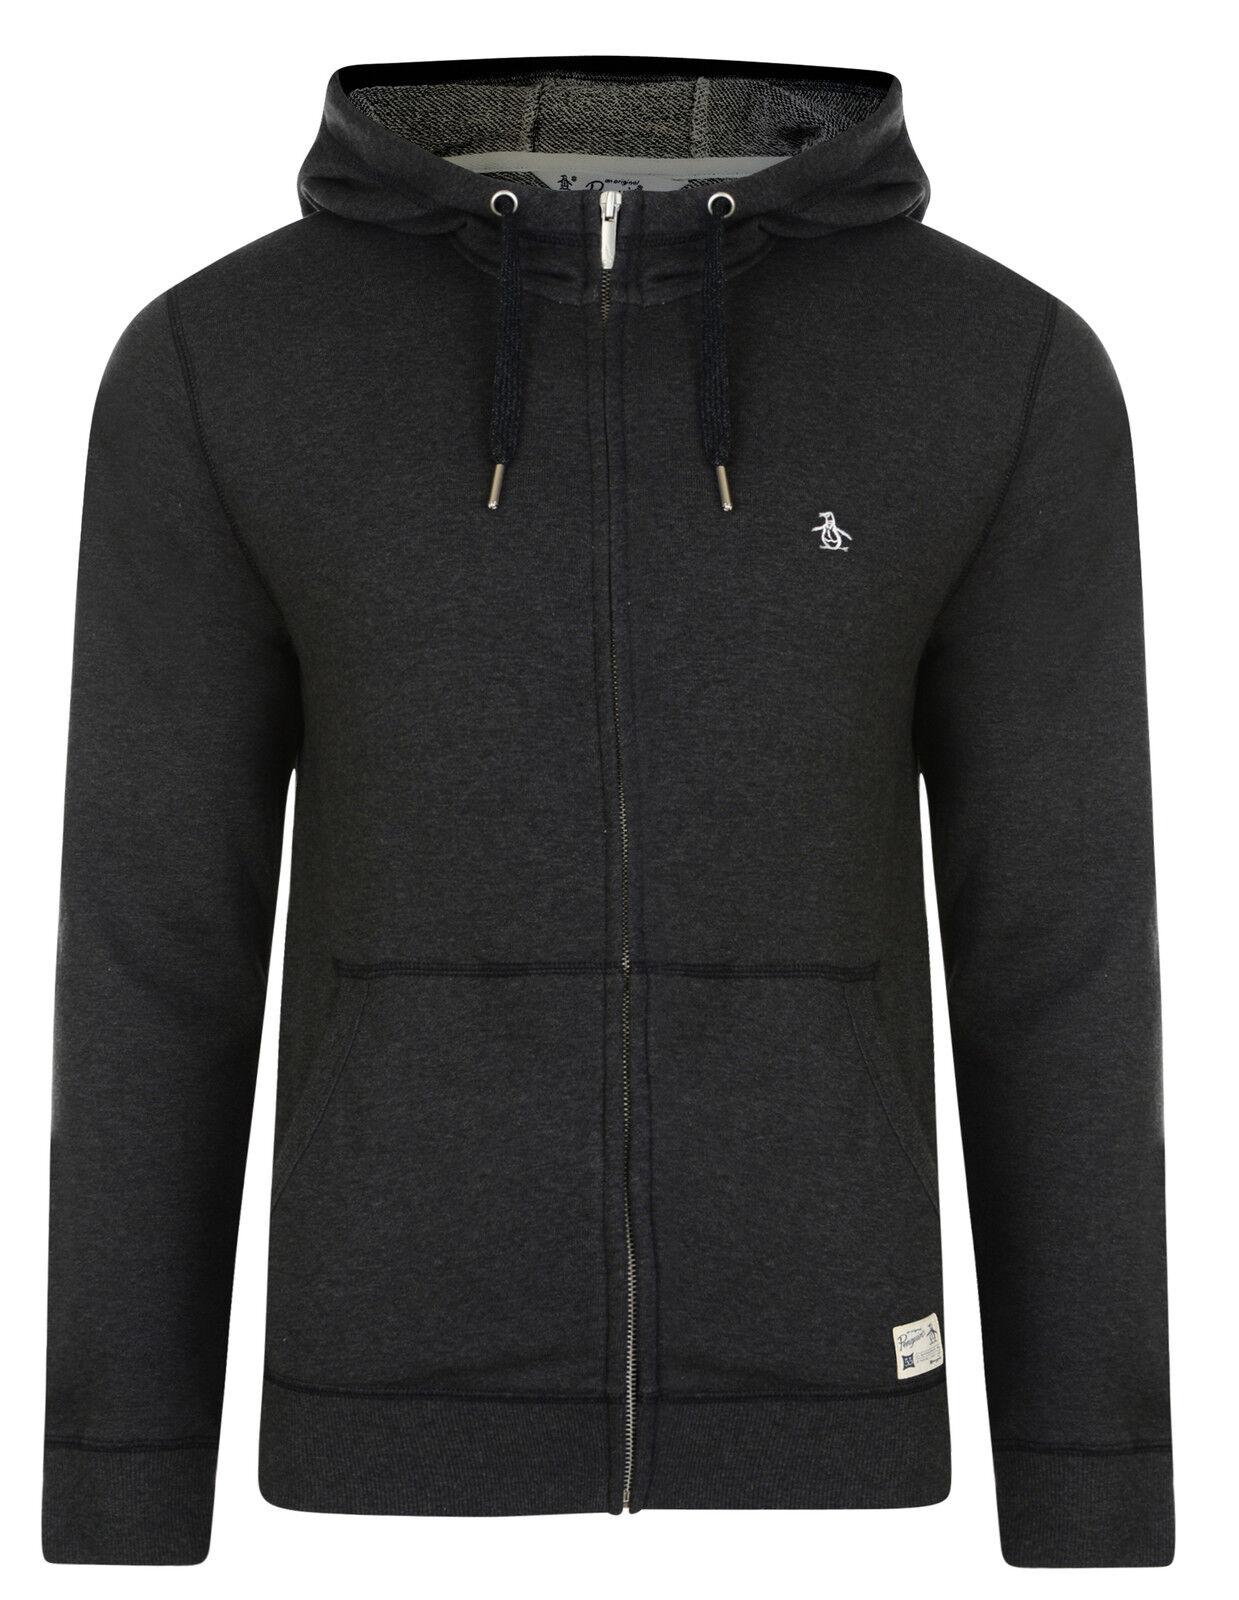 ORIGINAL PENGUIN New Men's Loopback Loopback Loopback Cotton Zip Up Hooded Sweatshirt Top Hoodie f897f2